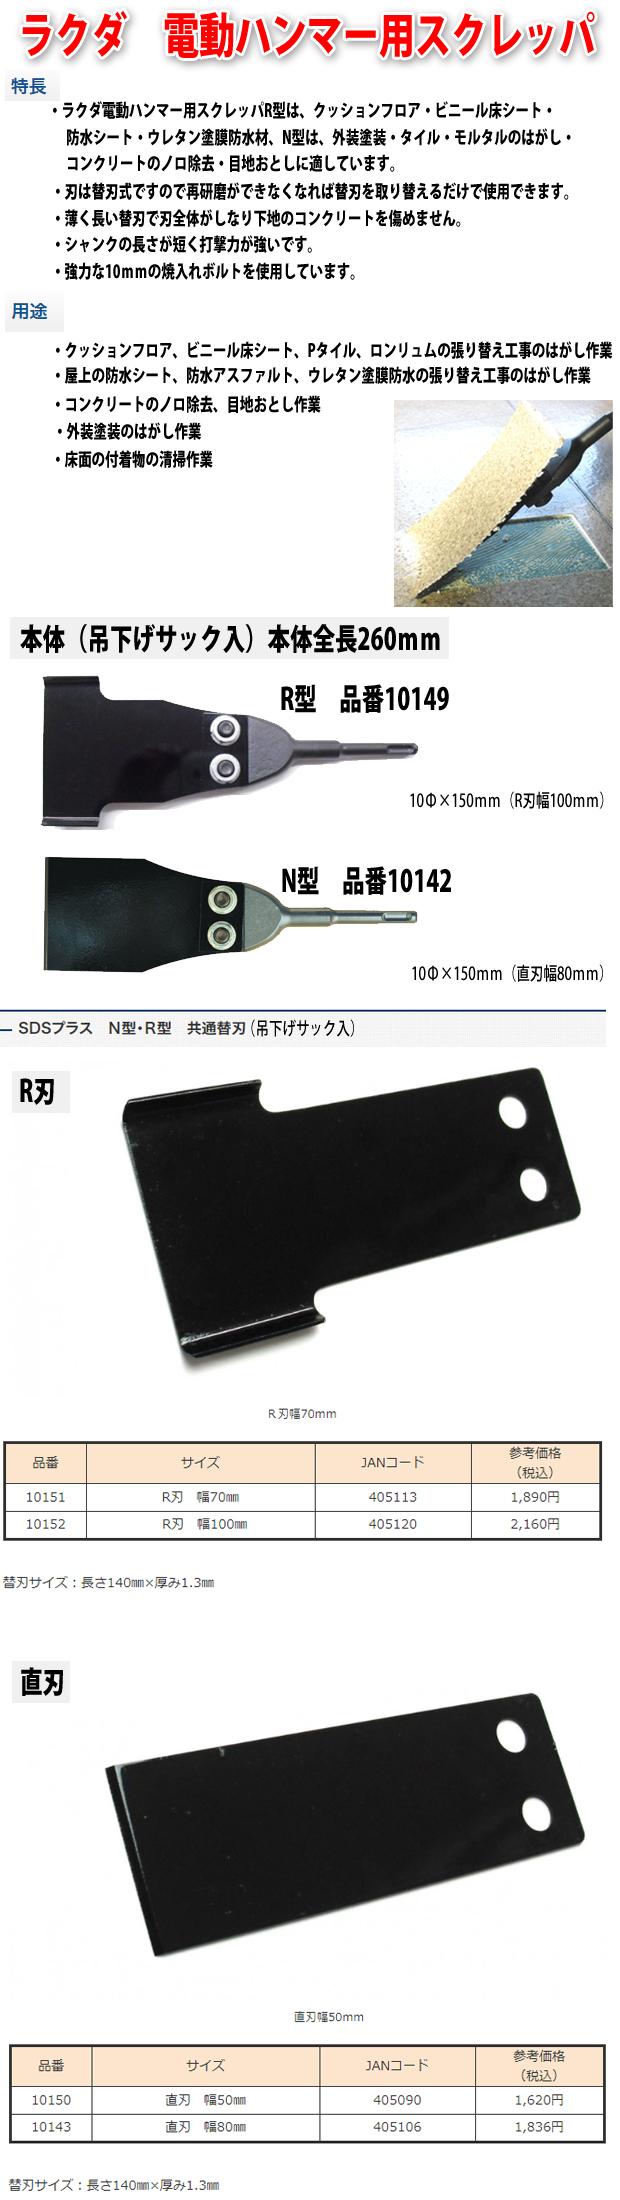 ラクダ SDSプラス電動ハンマー用スクレッパ